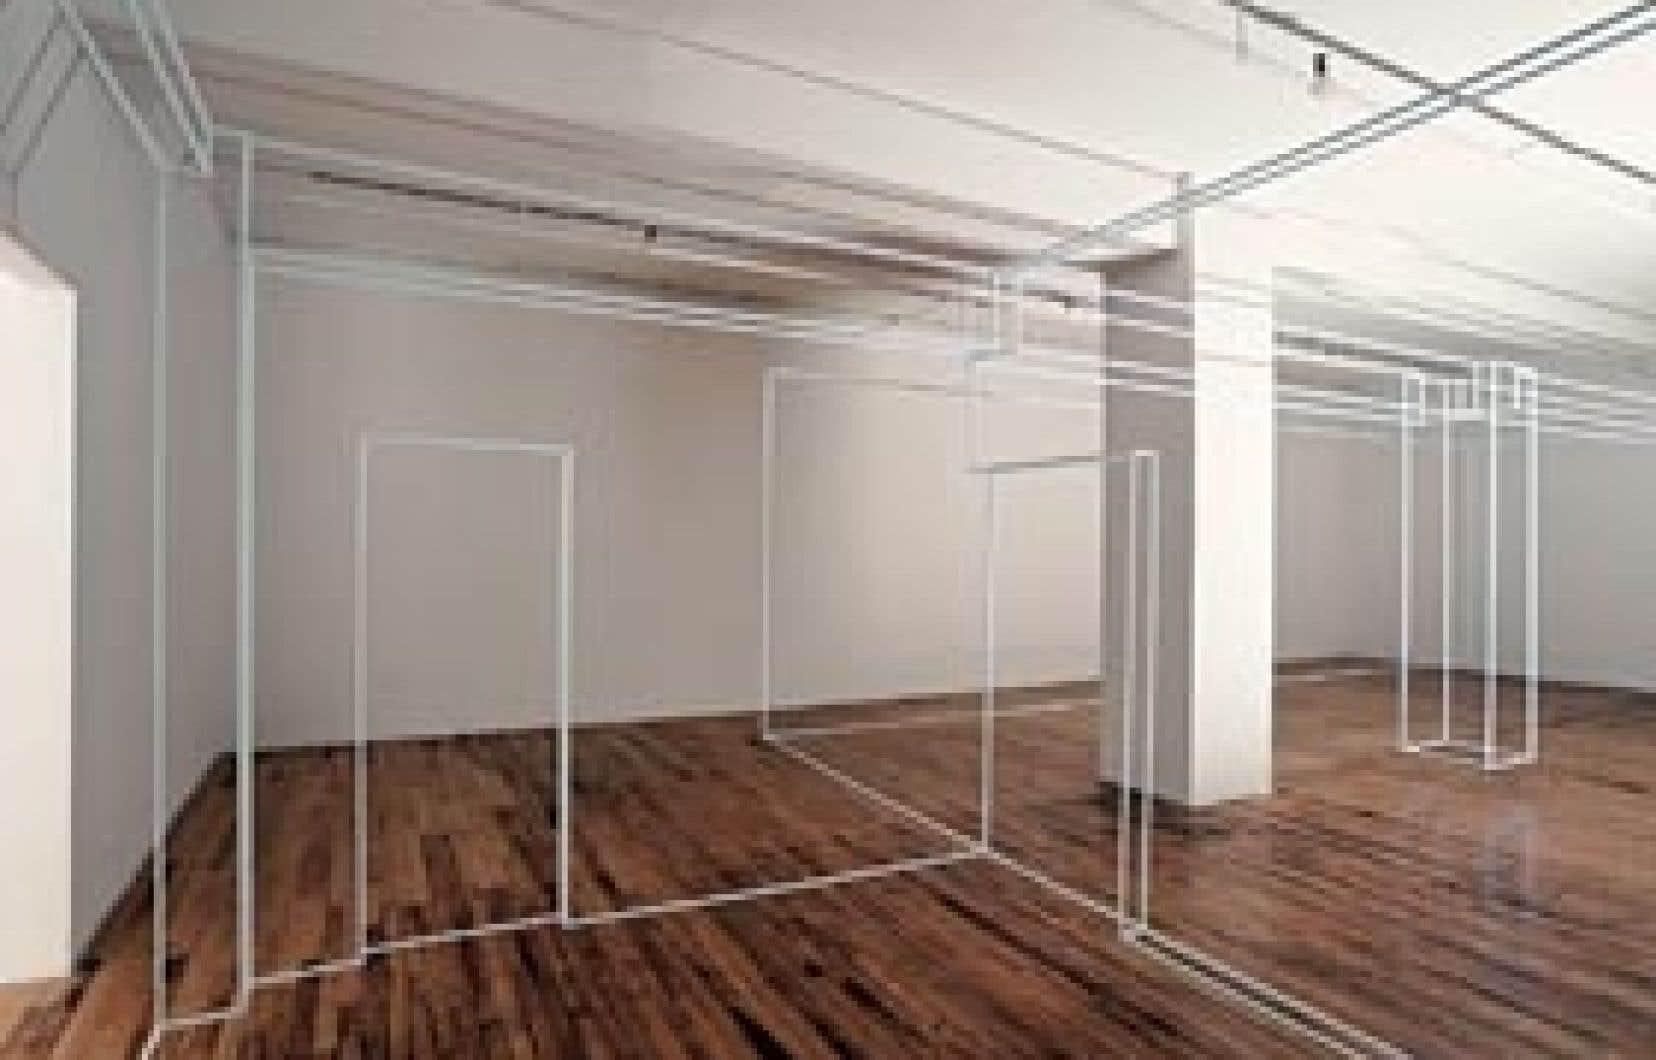 Au lieu de massifier l'espace vide, l'artiste, à Skol, le cerne, le délimite et le dessine au moyen de tiges blanches qui calquent à une échelle de 80 % les arêtes des deux espaces de la galerie, portes et colonnes comprises.